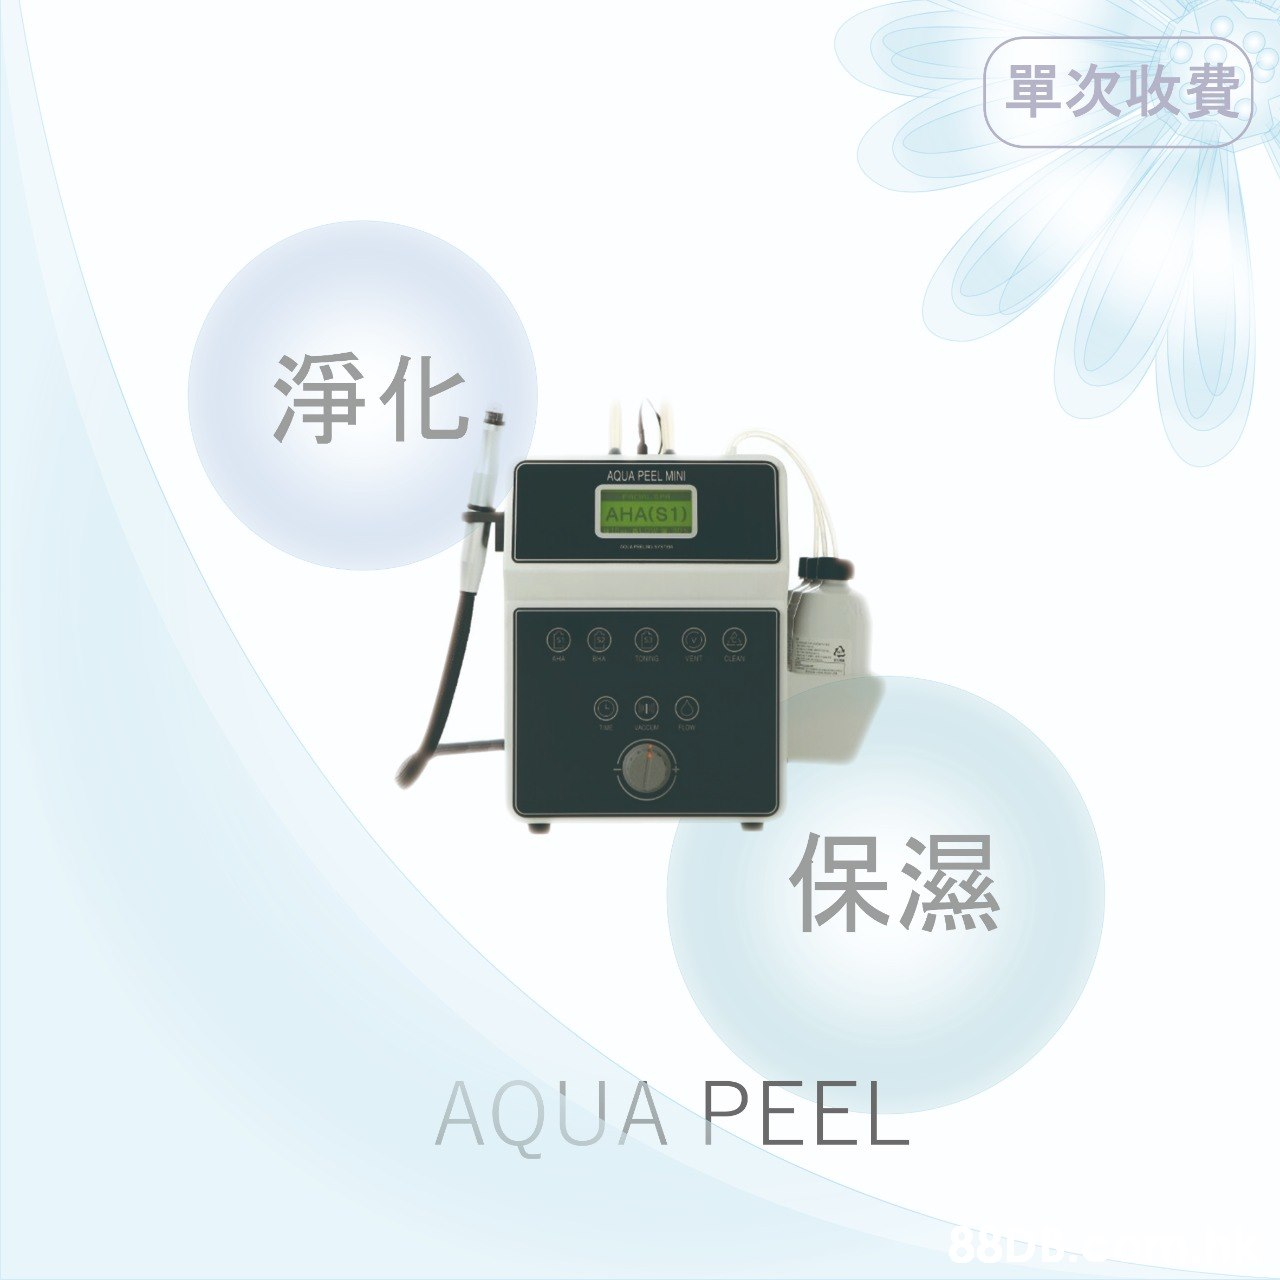 單次收費 淨化, AQUA PEEL MINI AHA(S1) VENT CLEAN LACCUM 保濕 AQUA PEEL 88D  Product,Font,Technology,Electronic device,Electronics